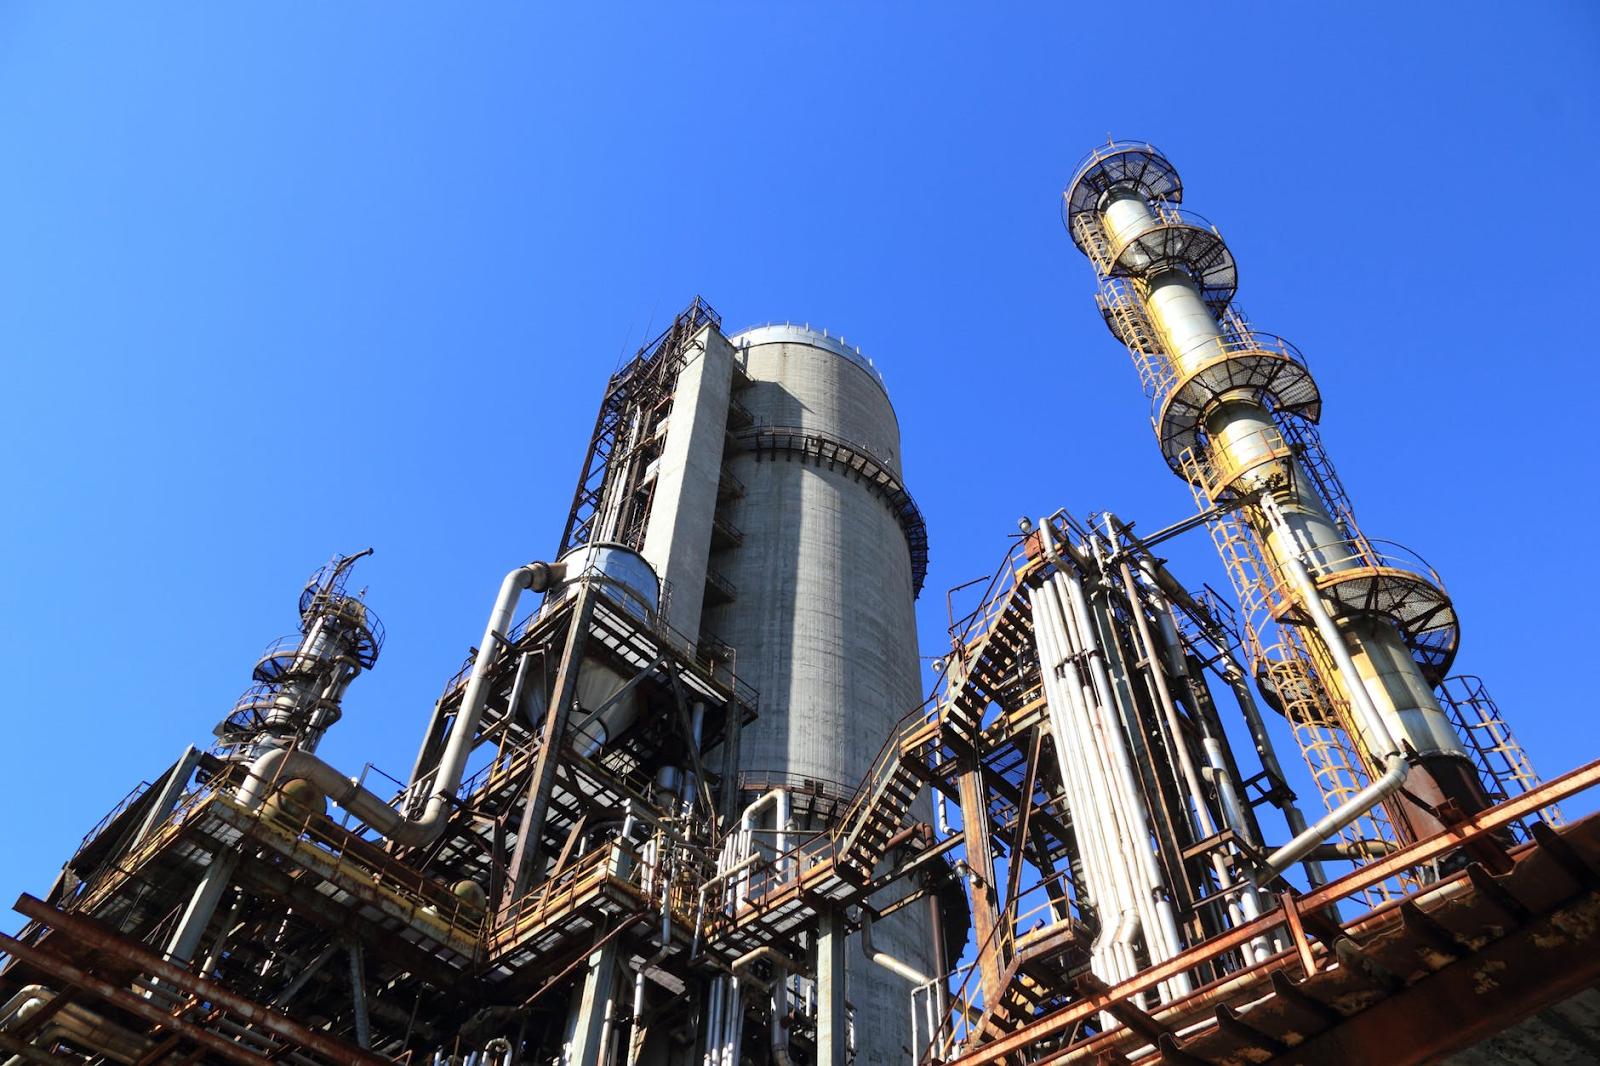 O Grande Mercado dos Gases Industriais - Gases Itoupava